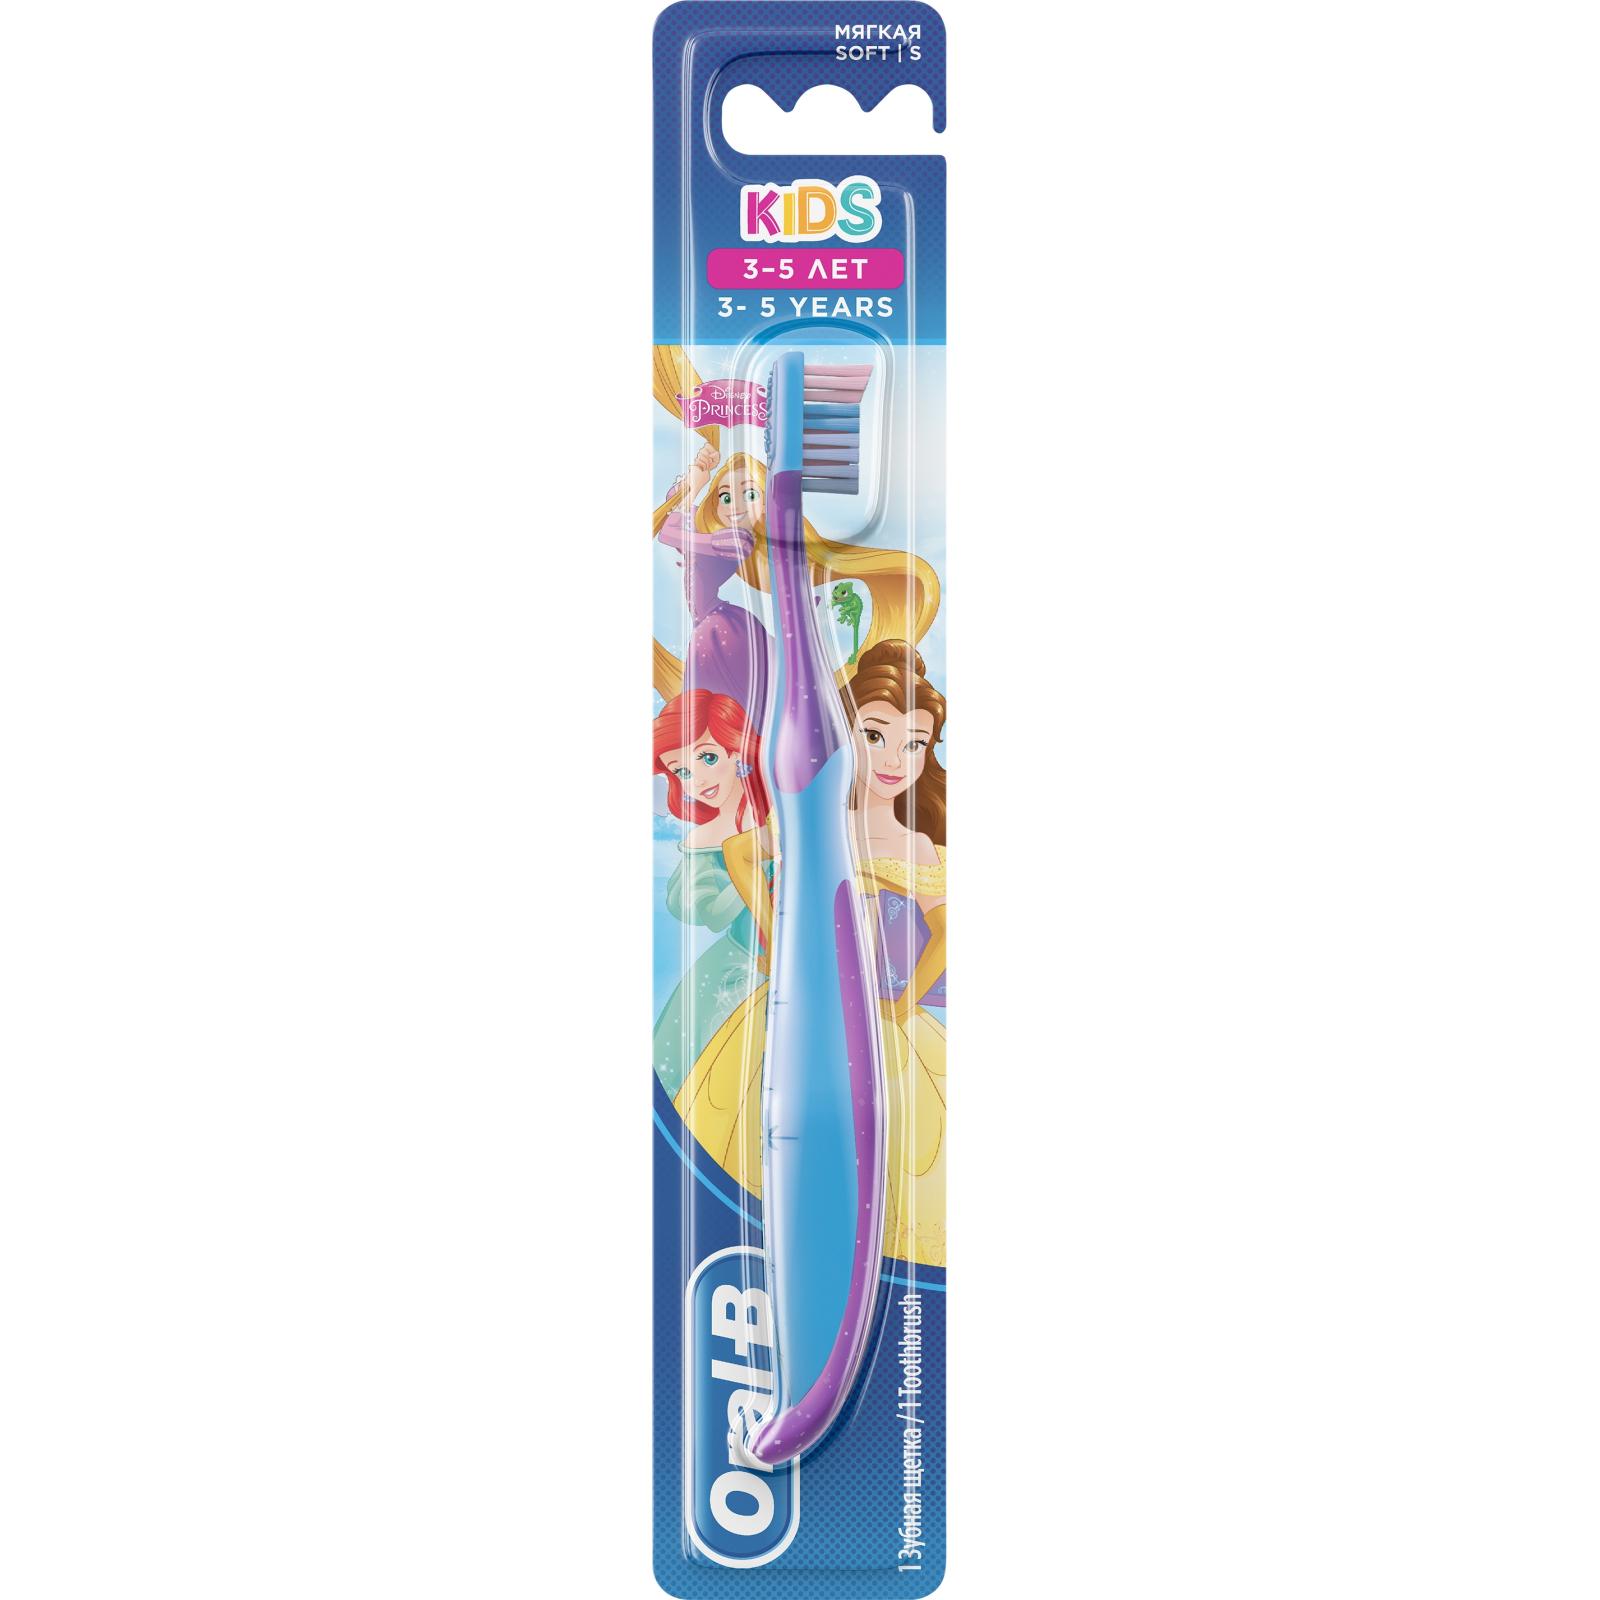 Детская зубная щетка Oral-B Kids (3-5 лет) мягкая 1 шт (3014260099053)